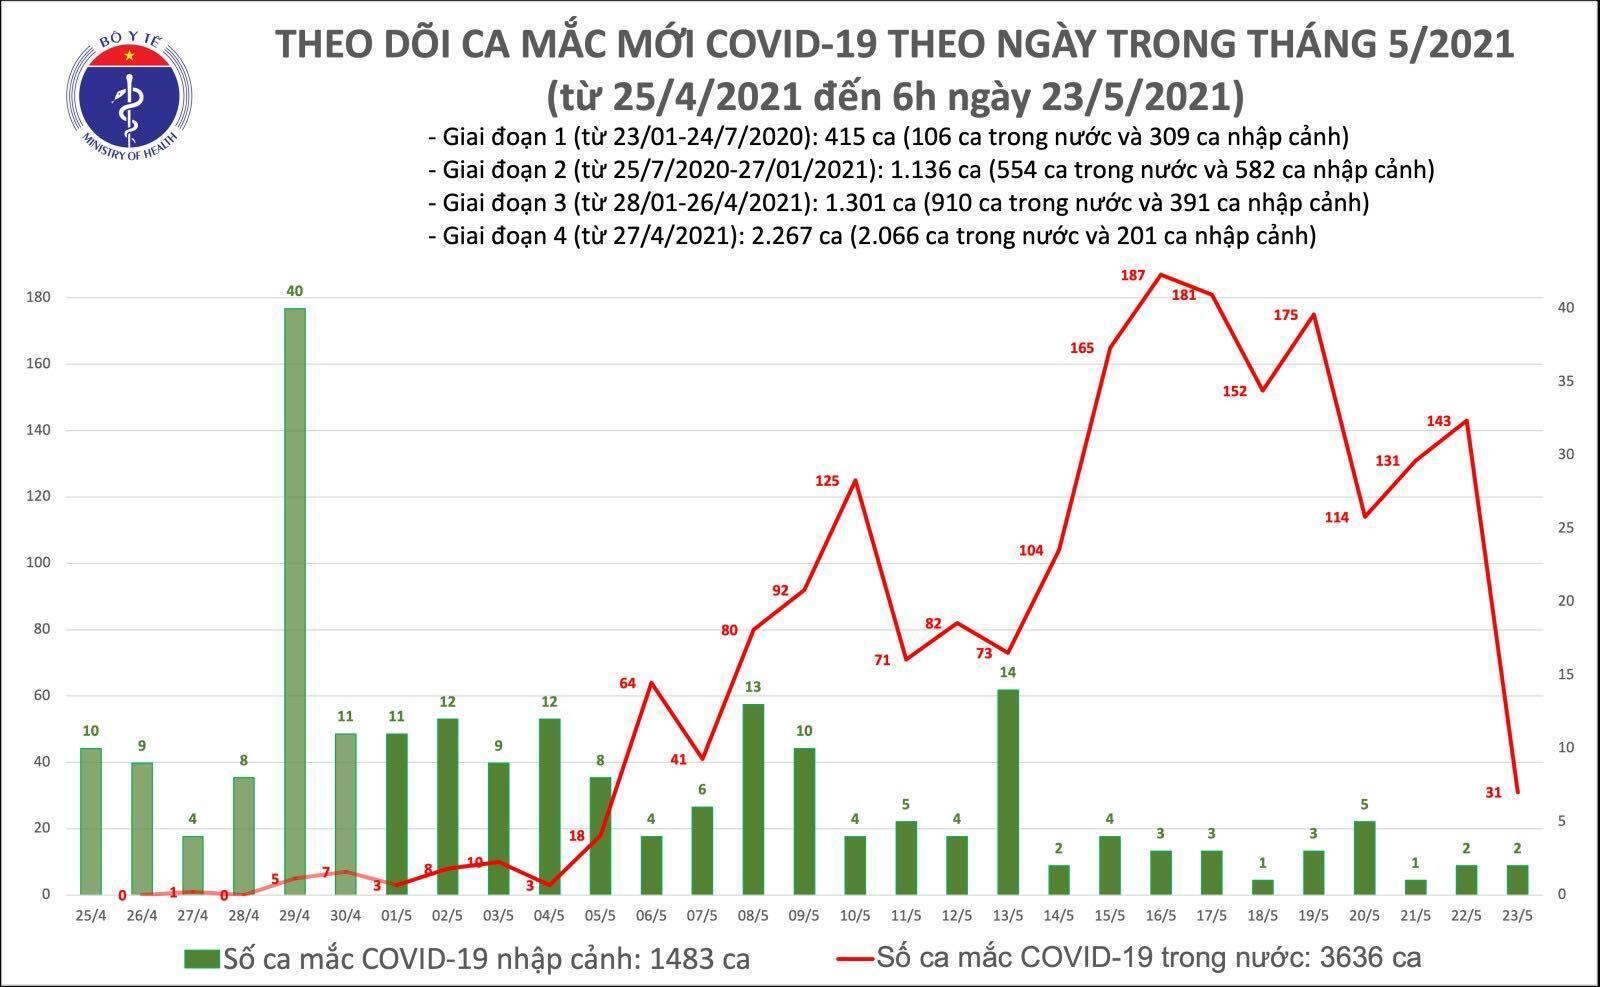 Thêm 33 ca mắc COVID-19, riêng Bắc Ninh 29 trường hợp - 1